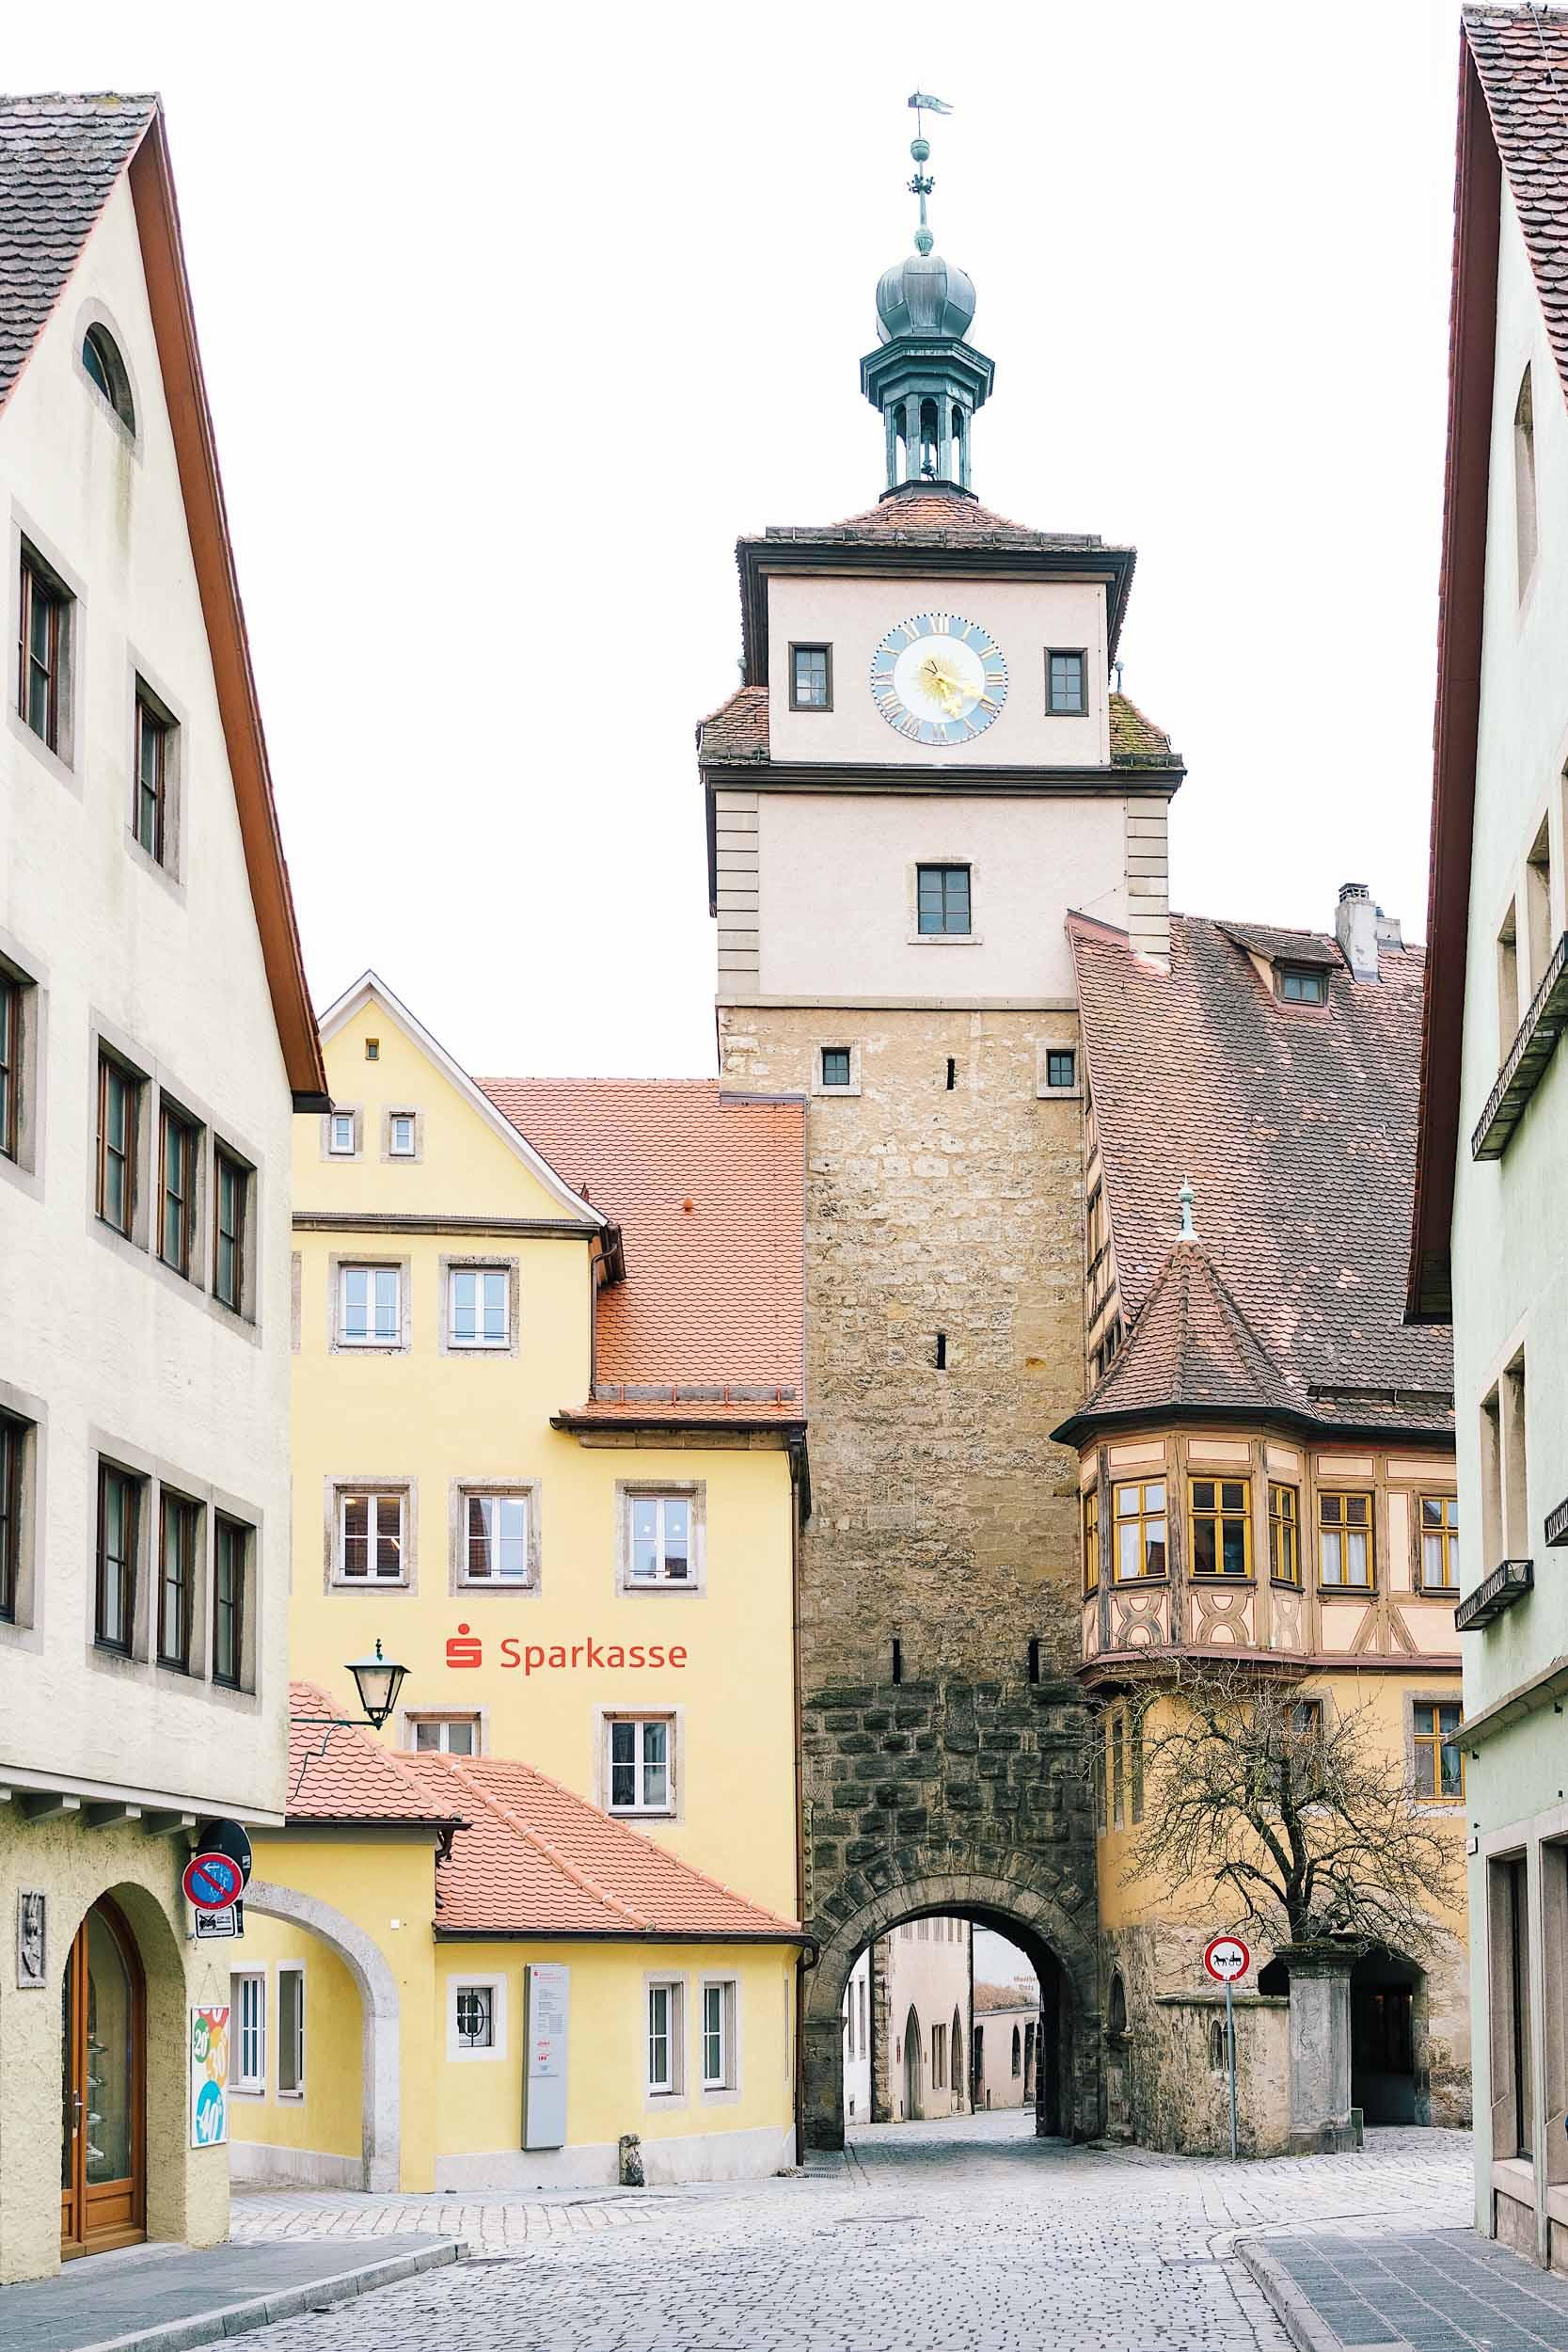 Europe's most photogenic village: Rothenburg